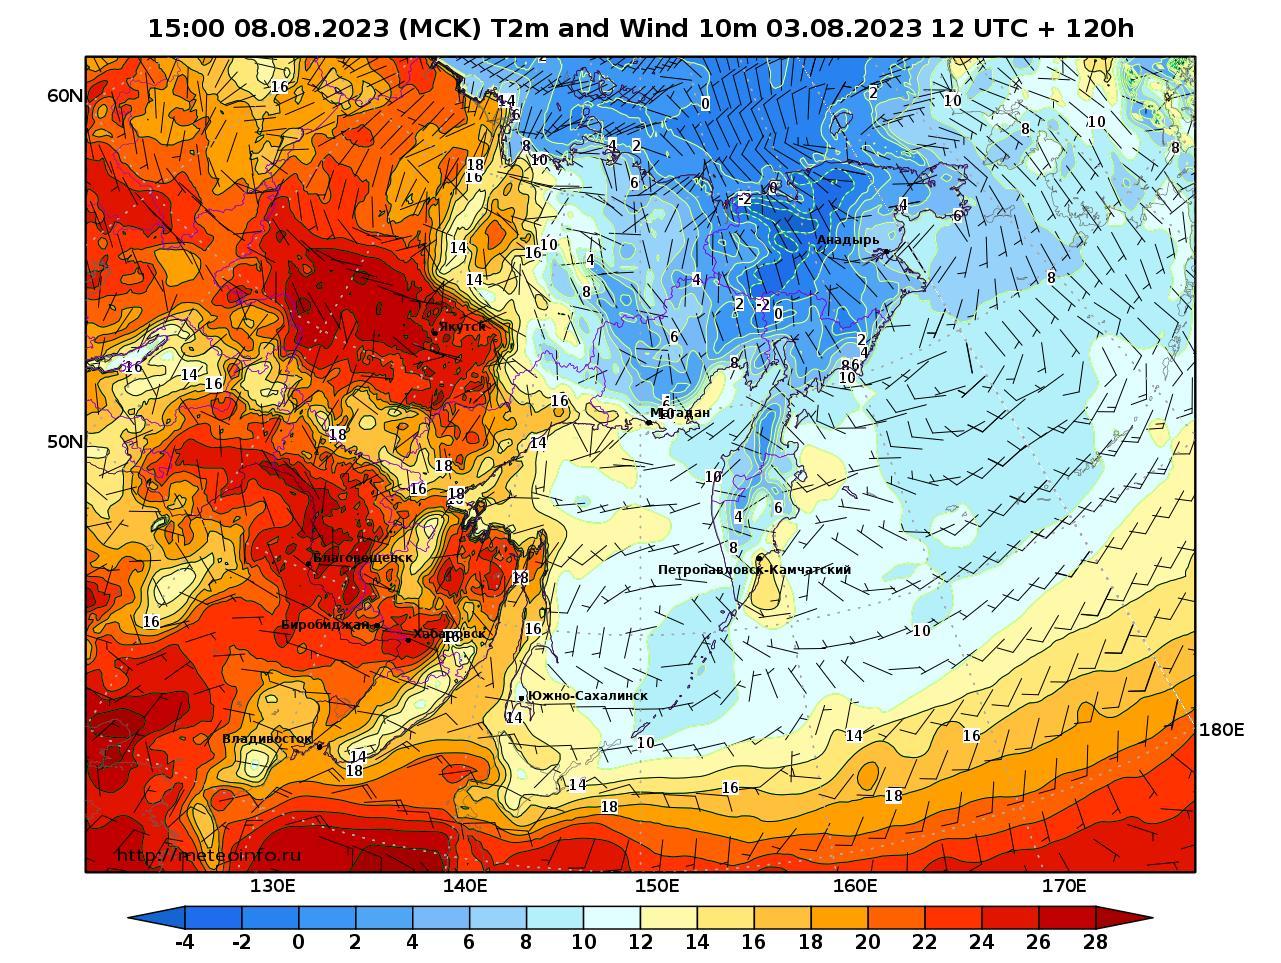 Дальний Восток, прогностическая карта приземная температура, заблаговременность прогноза 120 часов